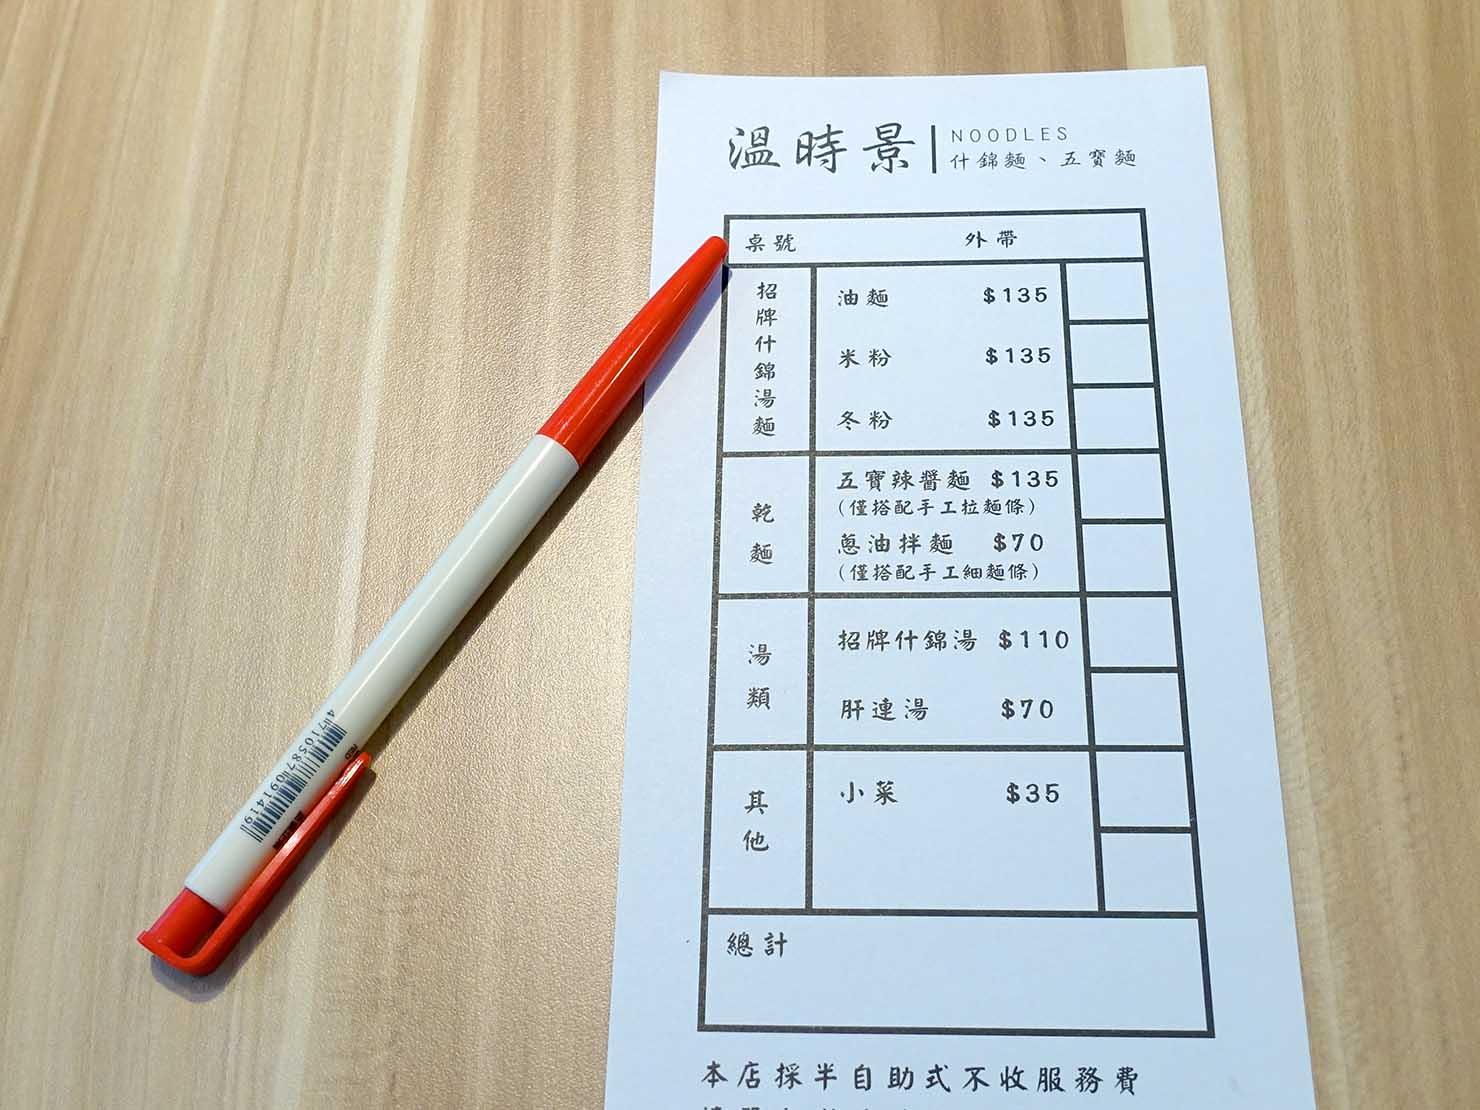 台北・大安駅周辺のおすすめグルメ店「溫時景」のメニュー